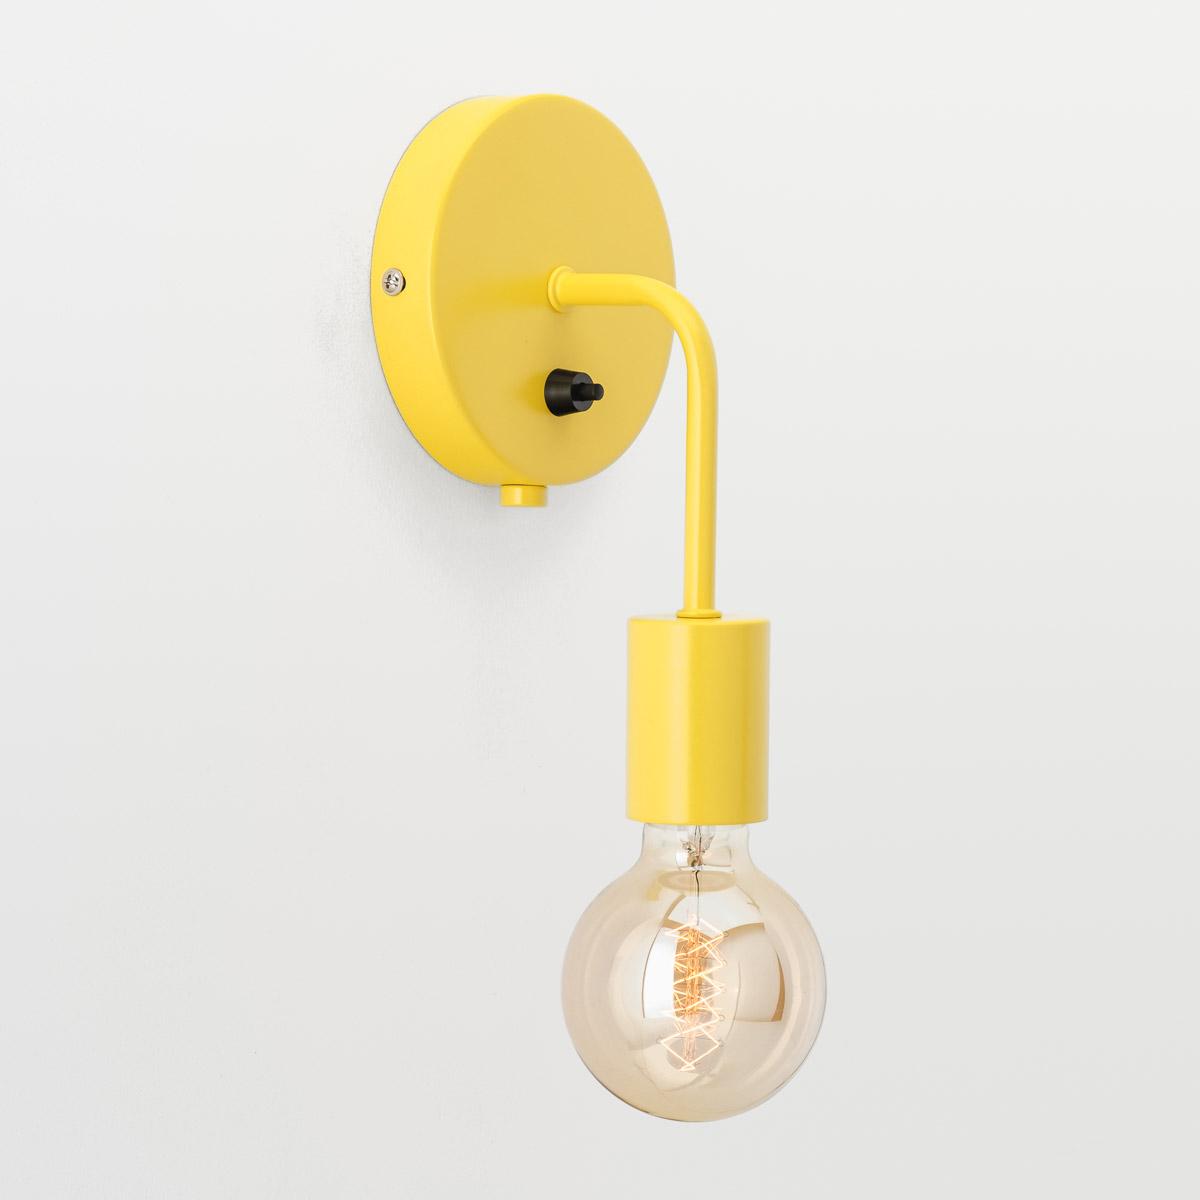 Настенный светильник Loui желтый